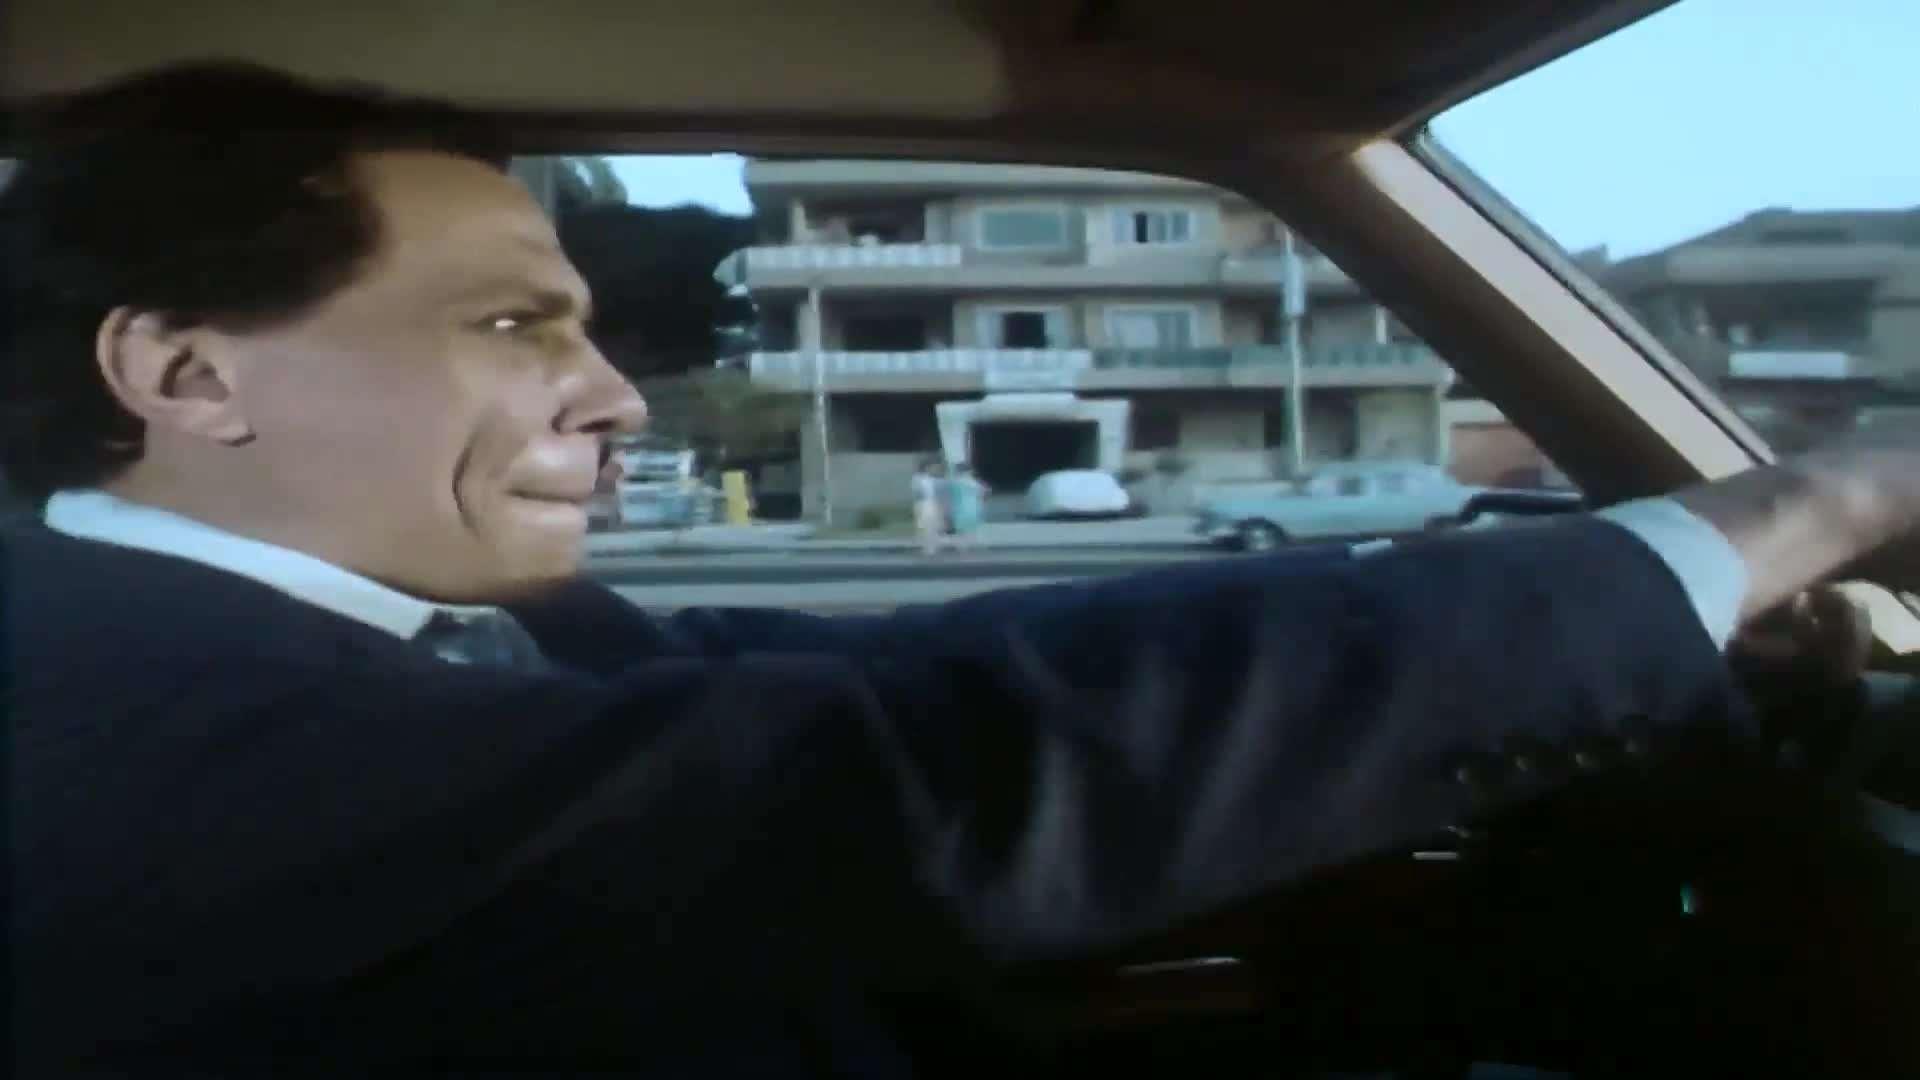 [فيلم][تورنت][تحميل][عصابة حمادة وتوتو][1982][1080p][Web-DL] 5 arabp2p.com